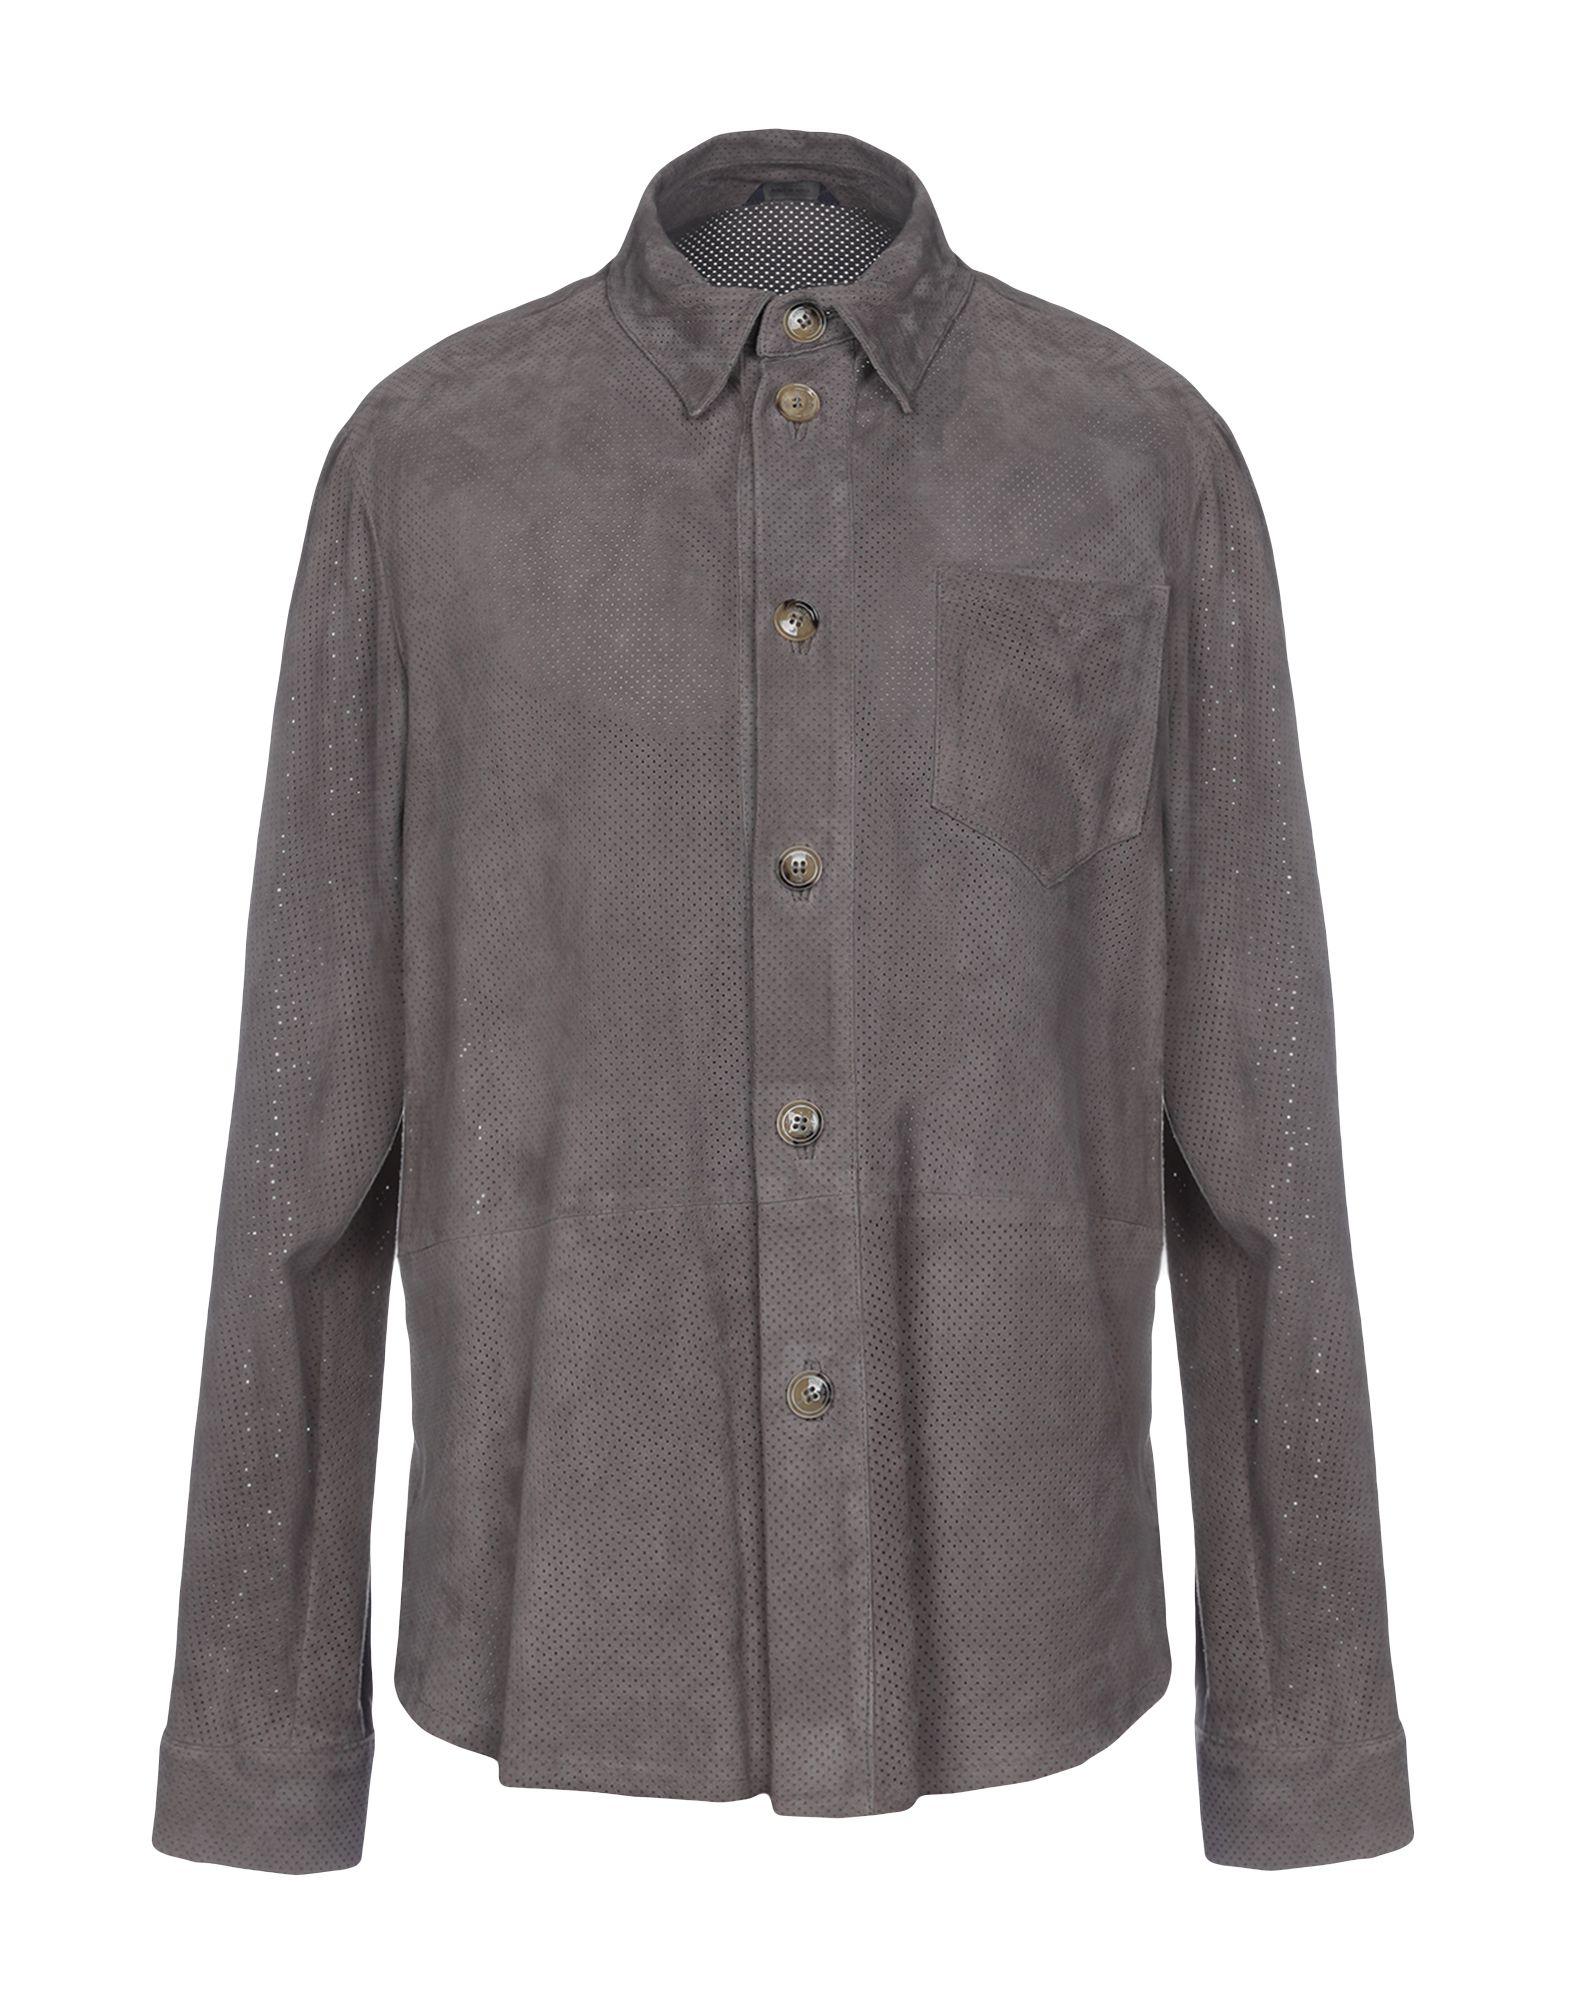 《送料無料》TOMBOLINI メンズ シャツ グレー 50 革 100%